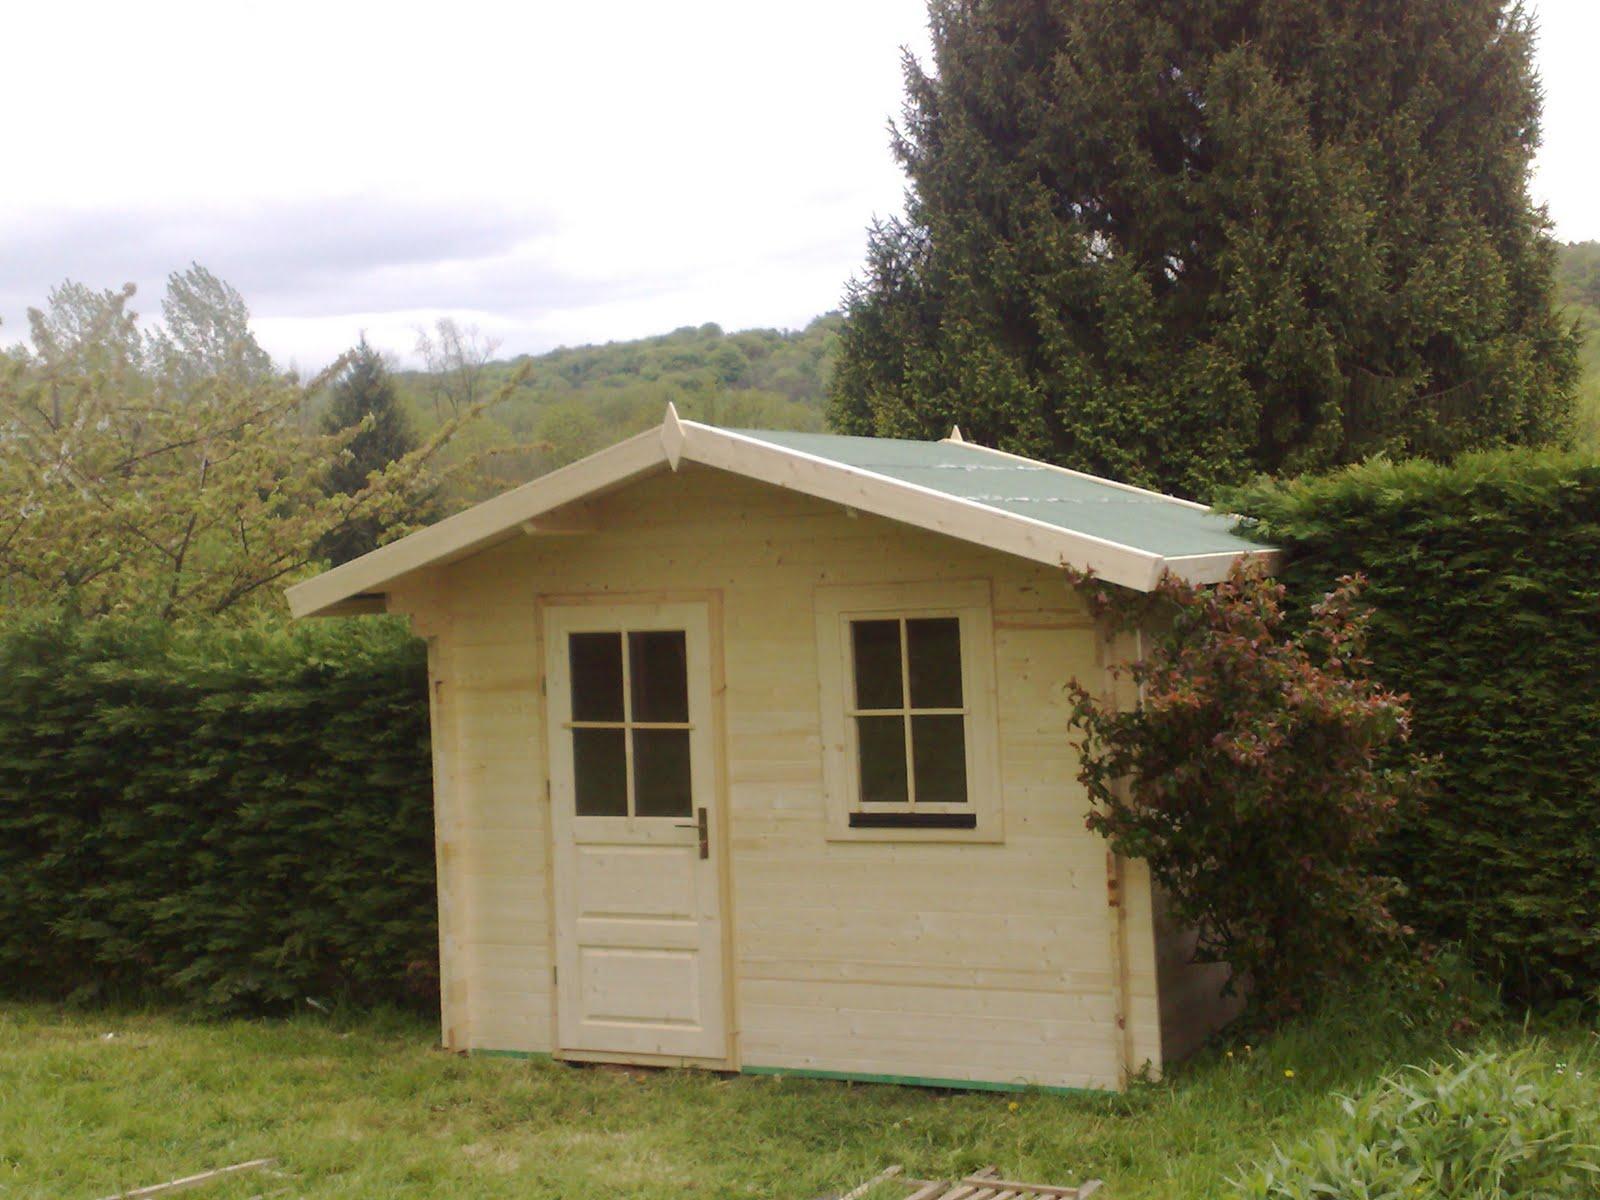 Bienvenue chez amexd co abri de jardin de 4m jusqu 39 a 12m for Abri chalet bois